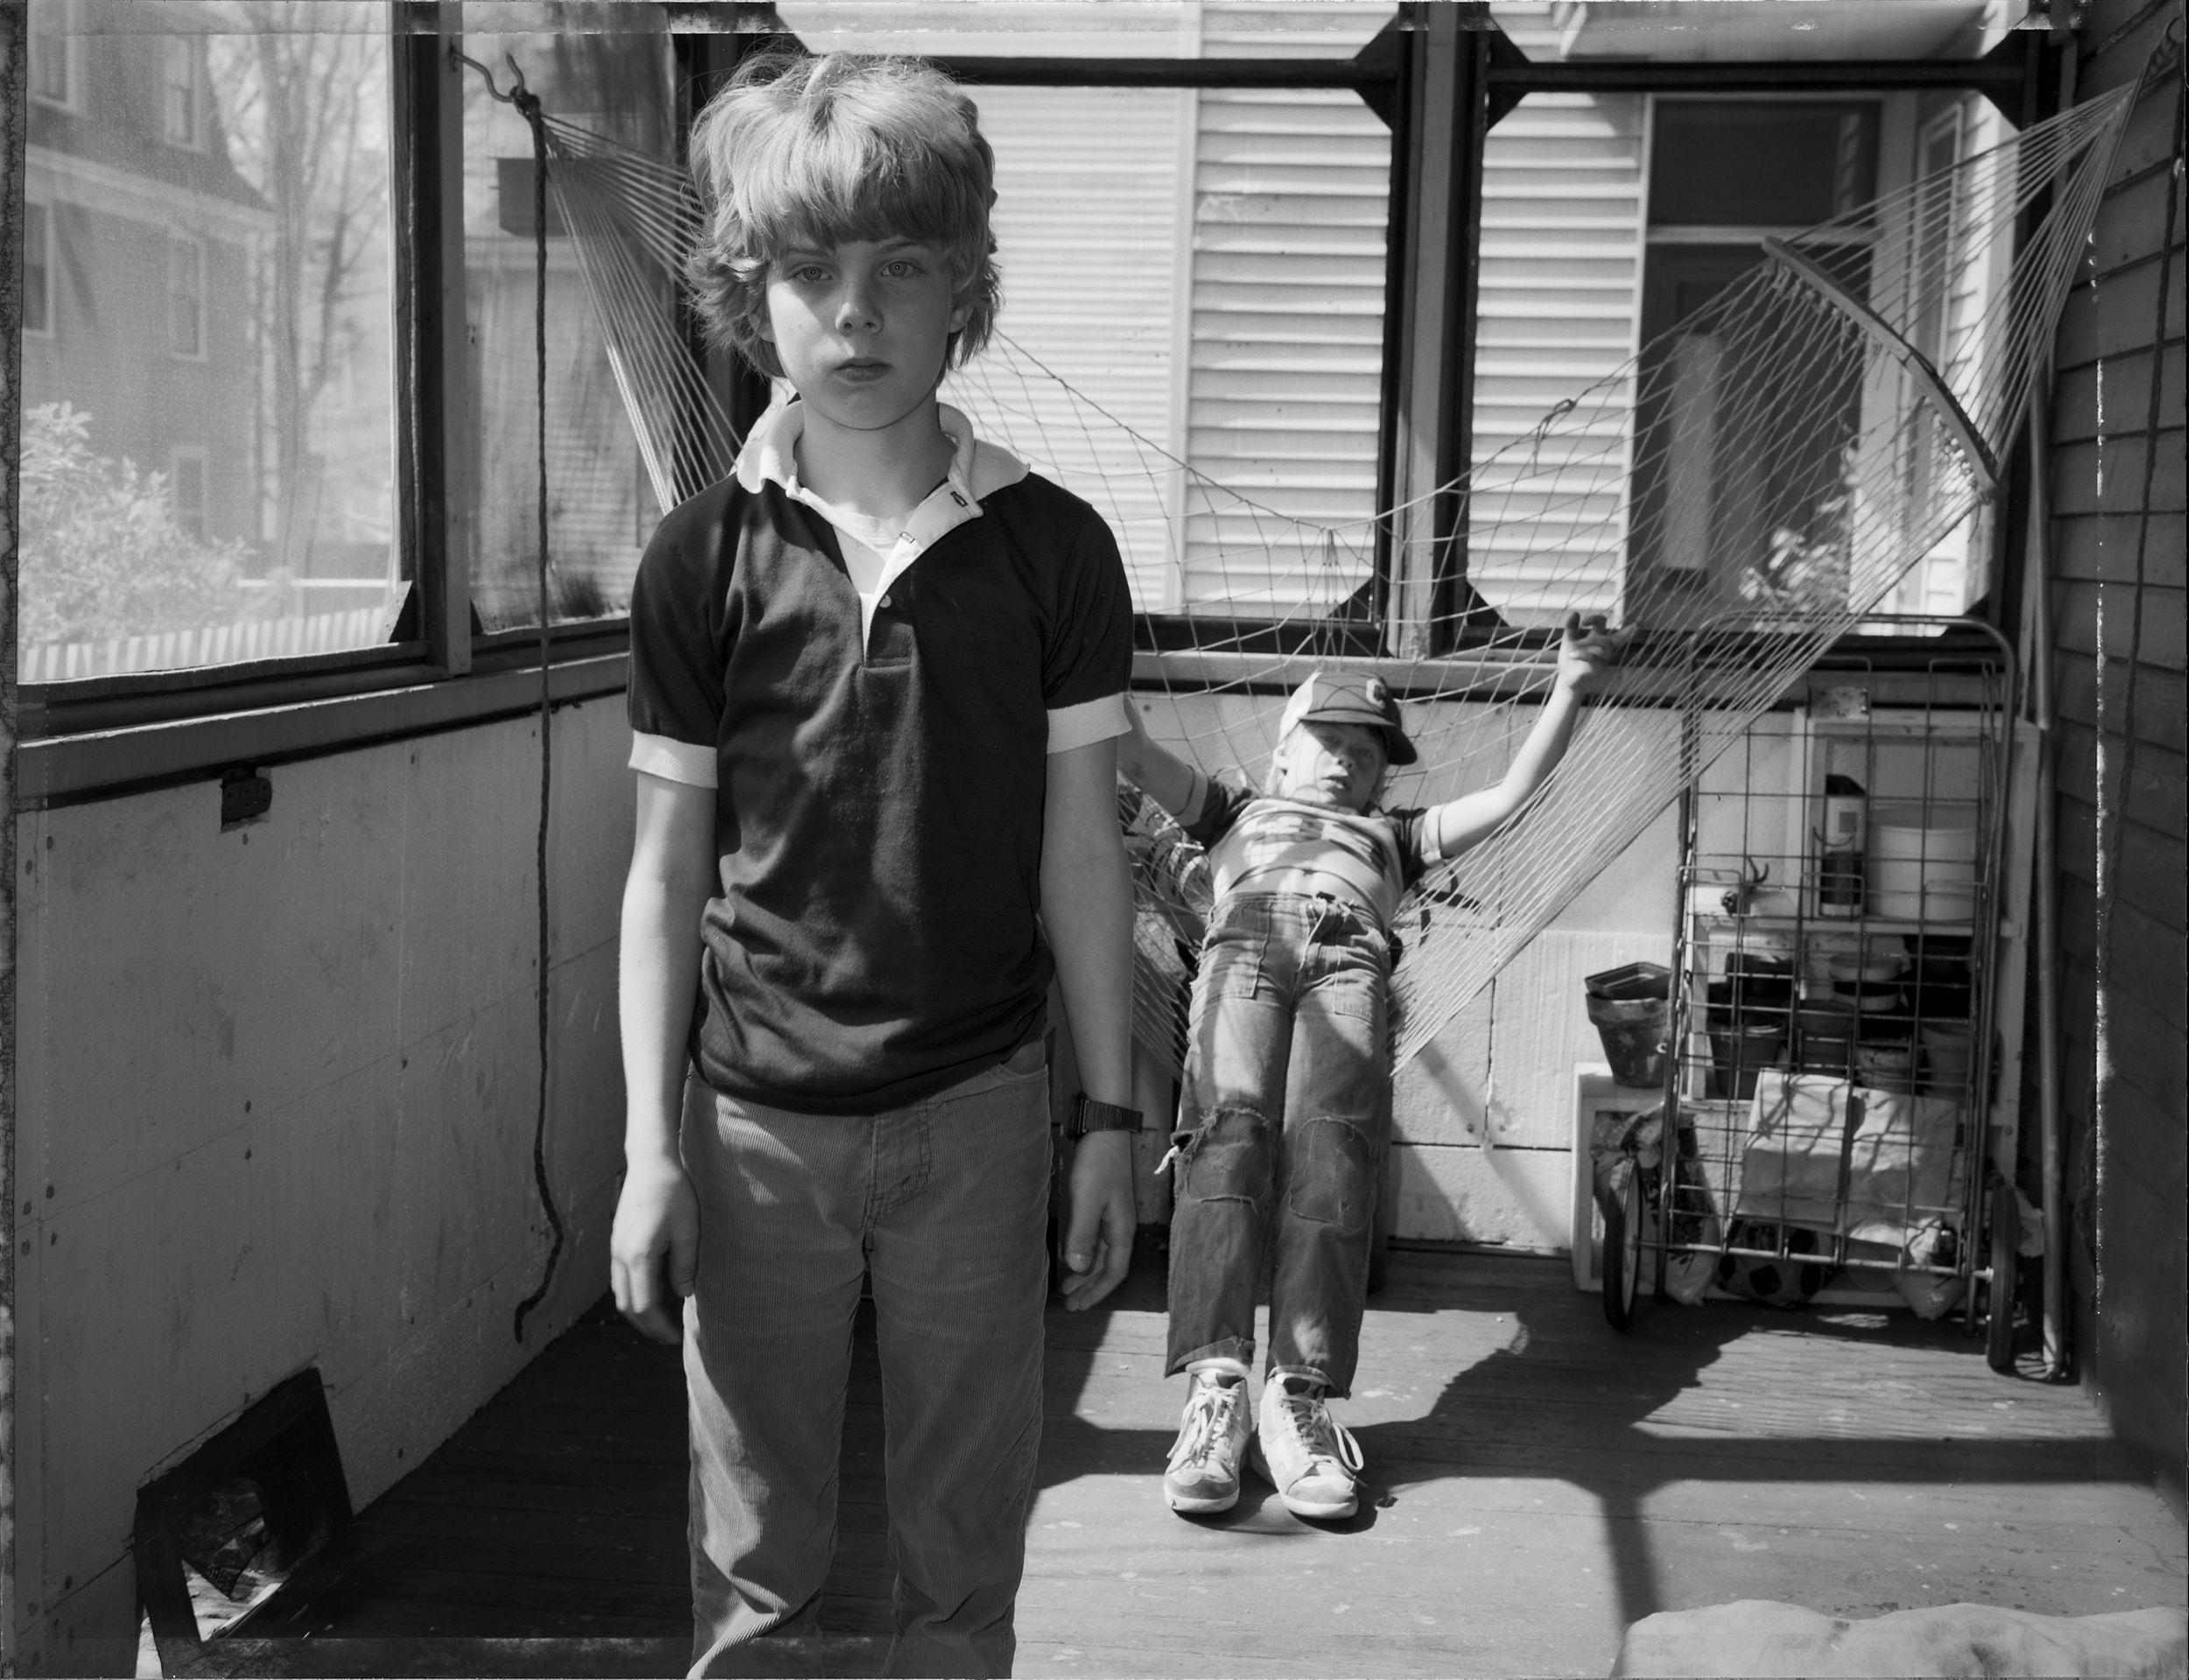 Massachusetts family 1980s